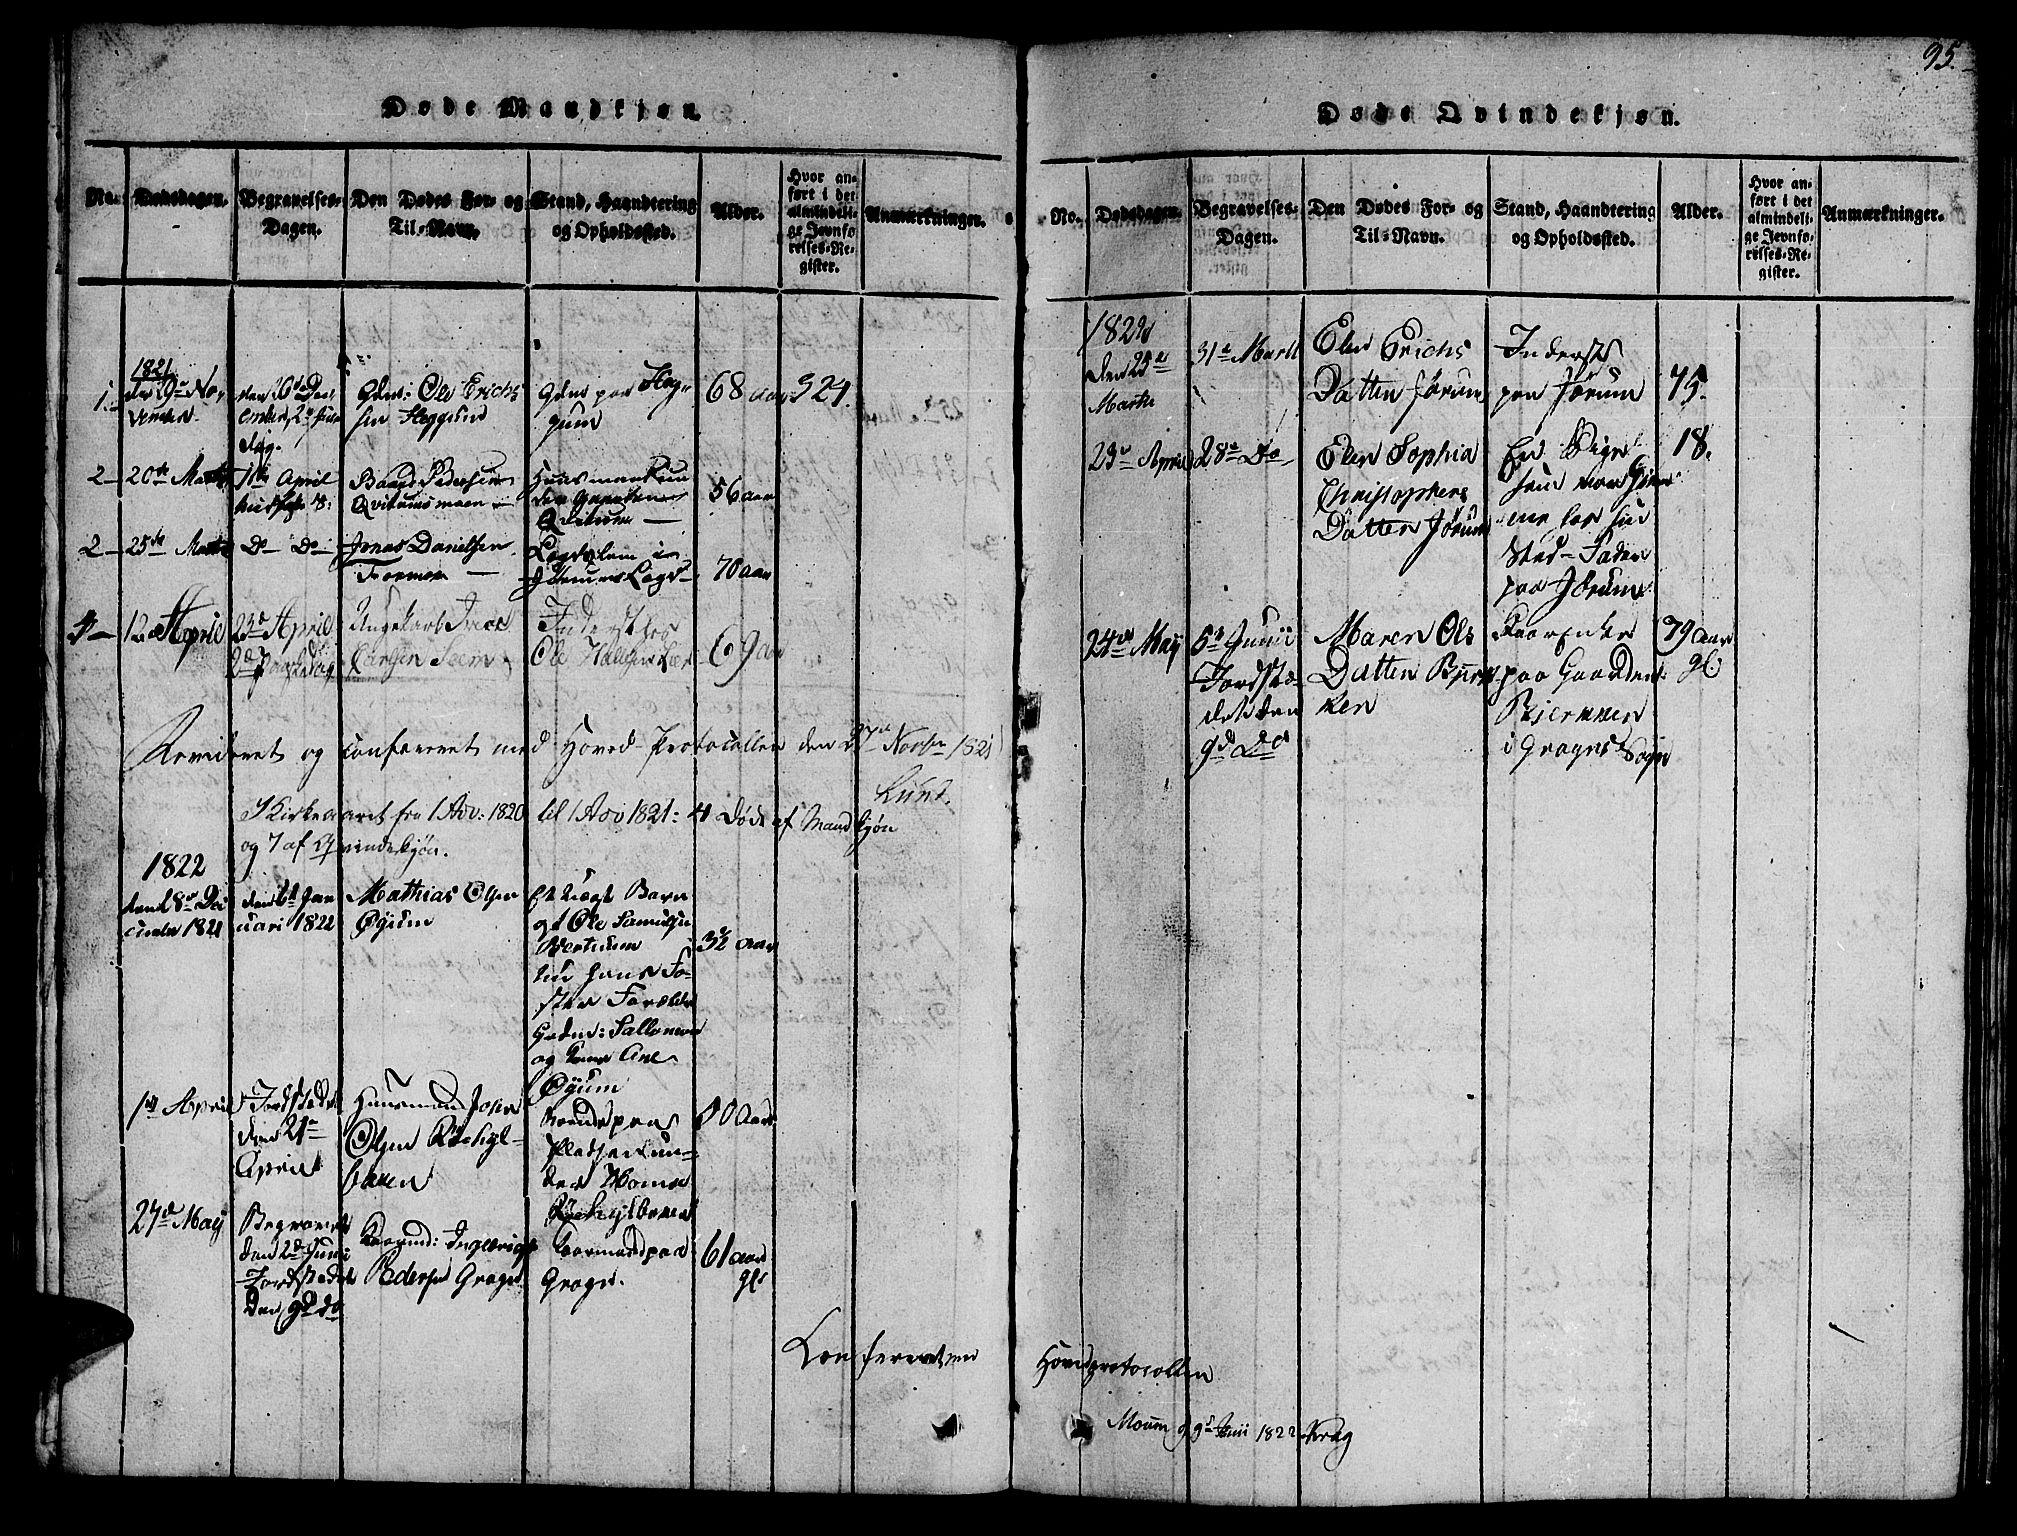 SAT, Ministerialprotokoller, klokkerbøker og fødselsregistre - Nord-Trøndelag, 758/L0521: Klokkerbok nr. 758C01, 1816-1825, s. 95